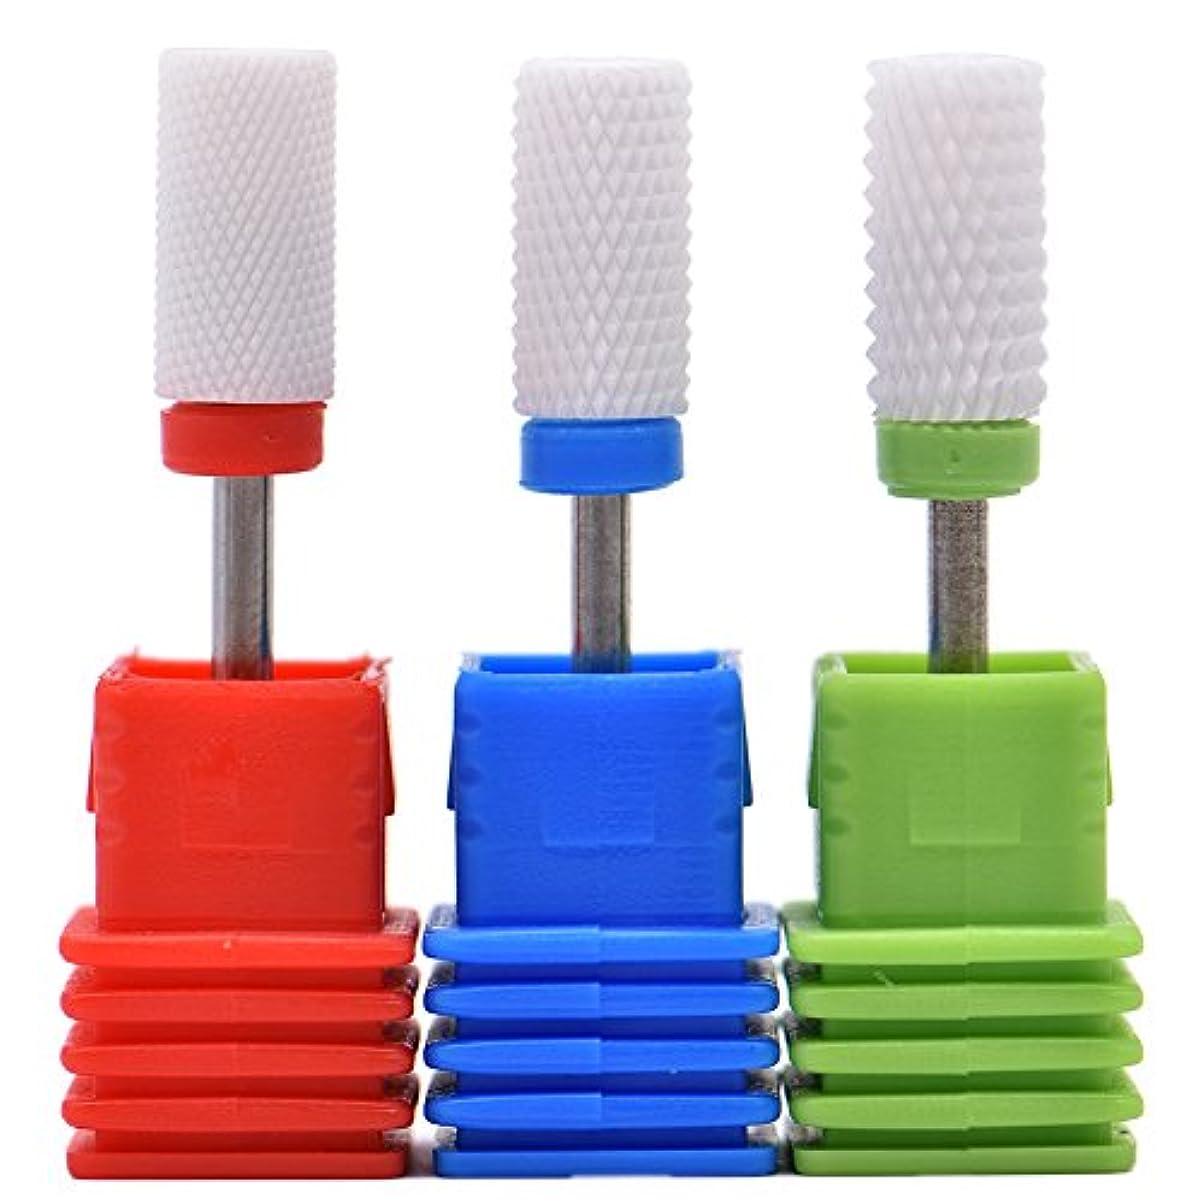 地震ガード一致するOral Dentistry ネイルアート ドリルビット 研削ヘッド 研磨ヘッド ネイル グラインド ヘッド 爪 磨き 研磨 研削 セラミック 全3色 (レッドF(微研削)+グリーンC(粗研削)+ブルーM(中仕上げ))